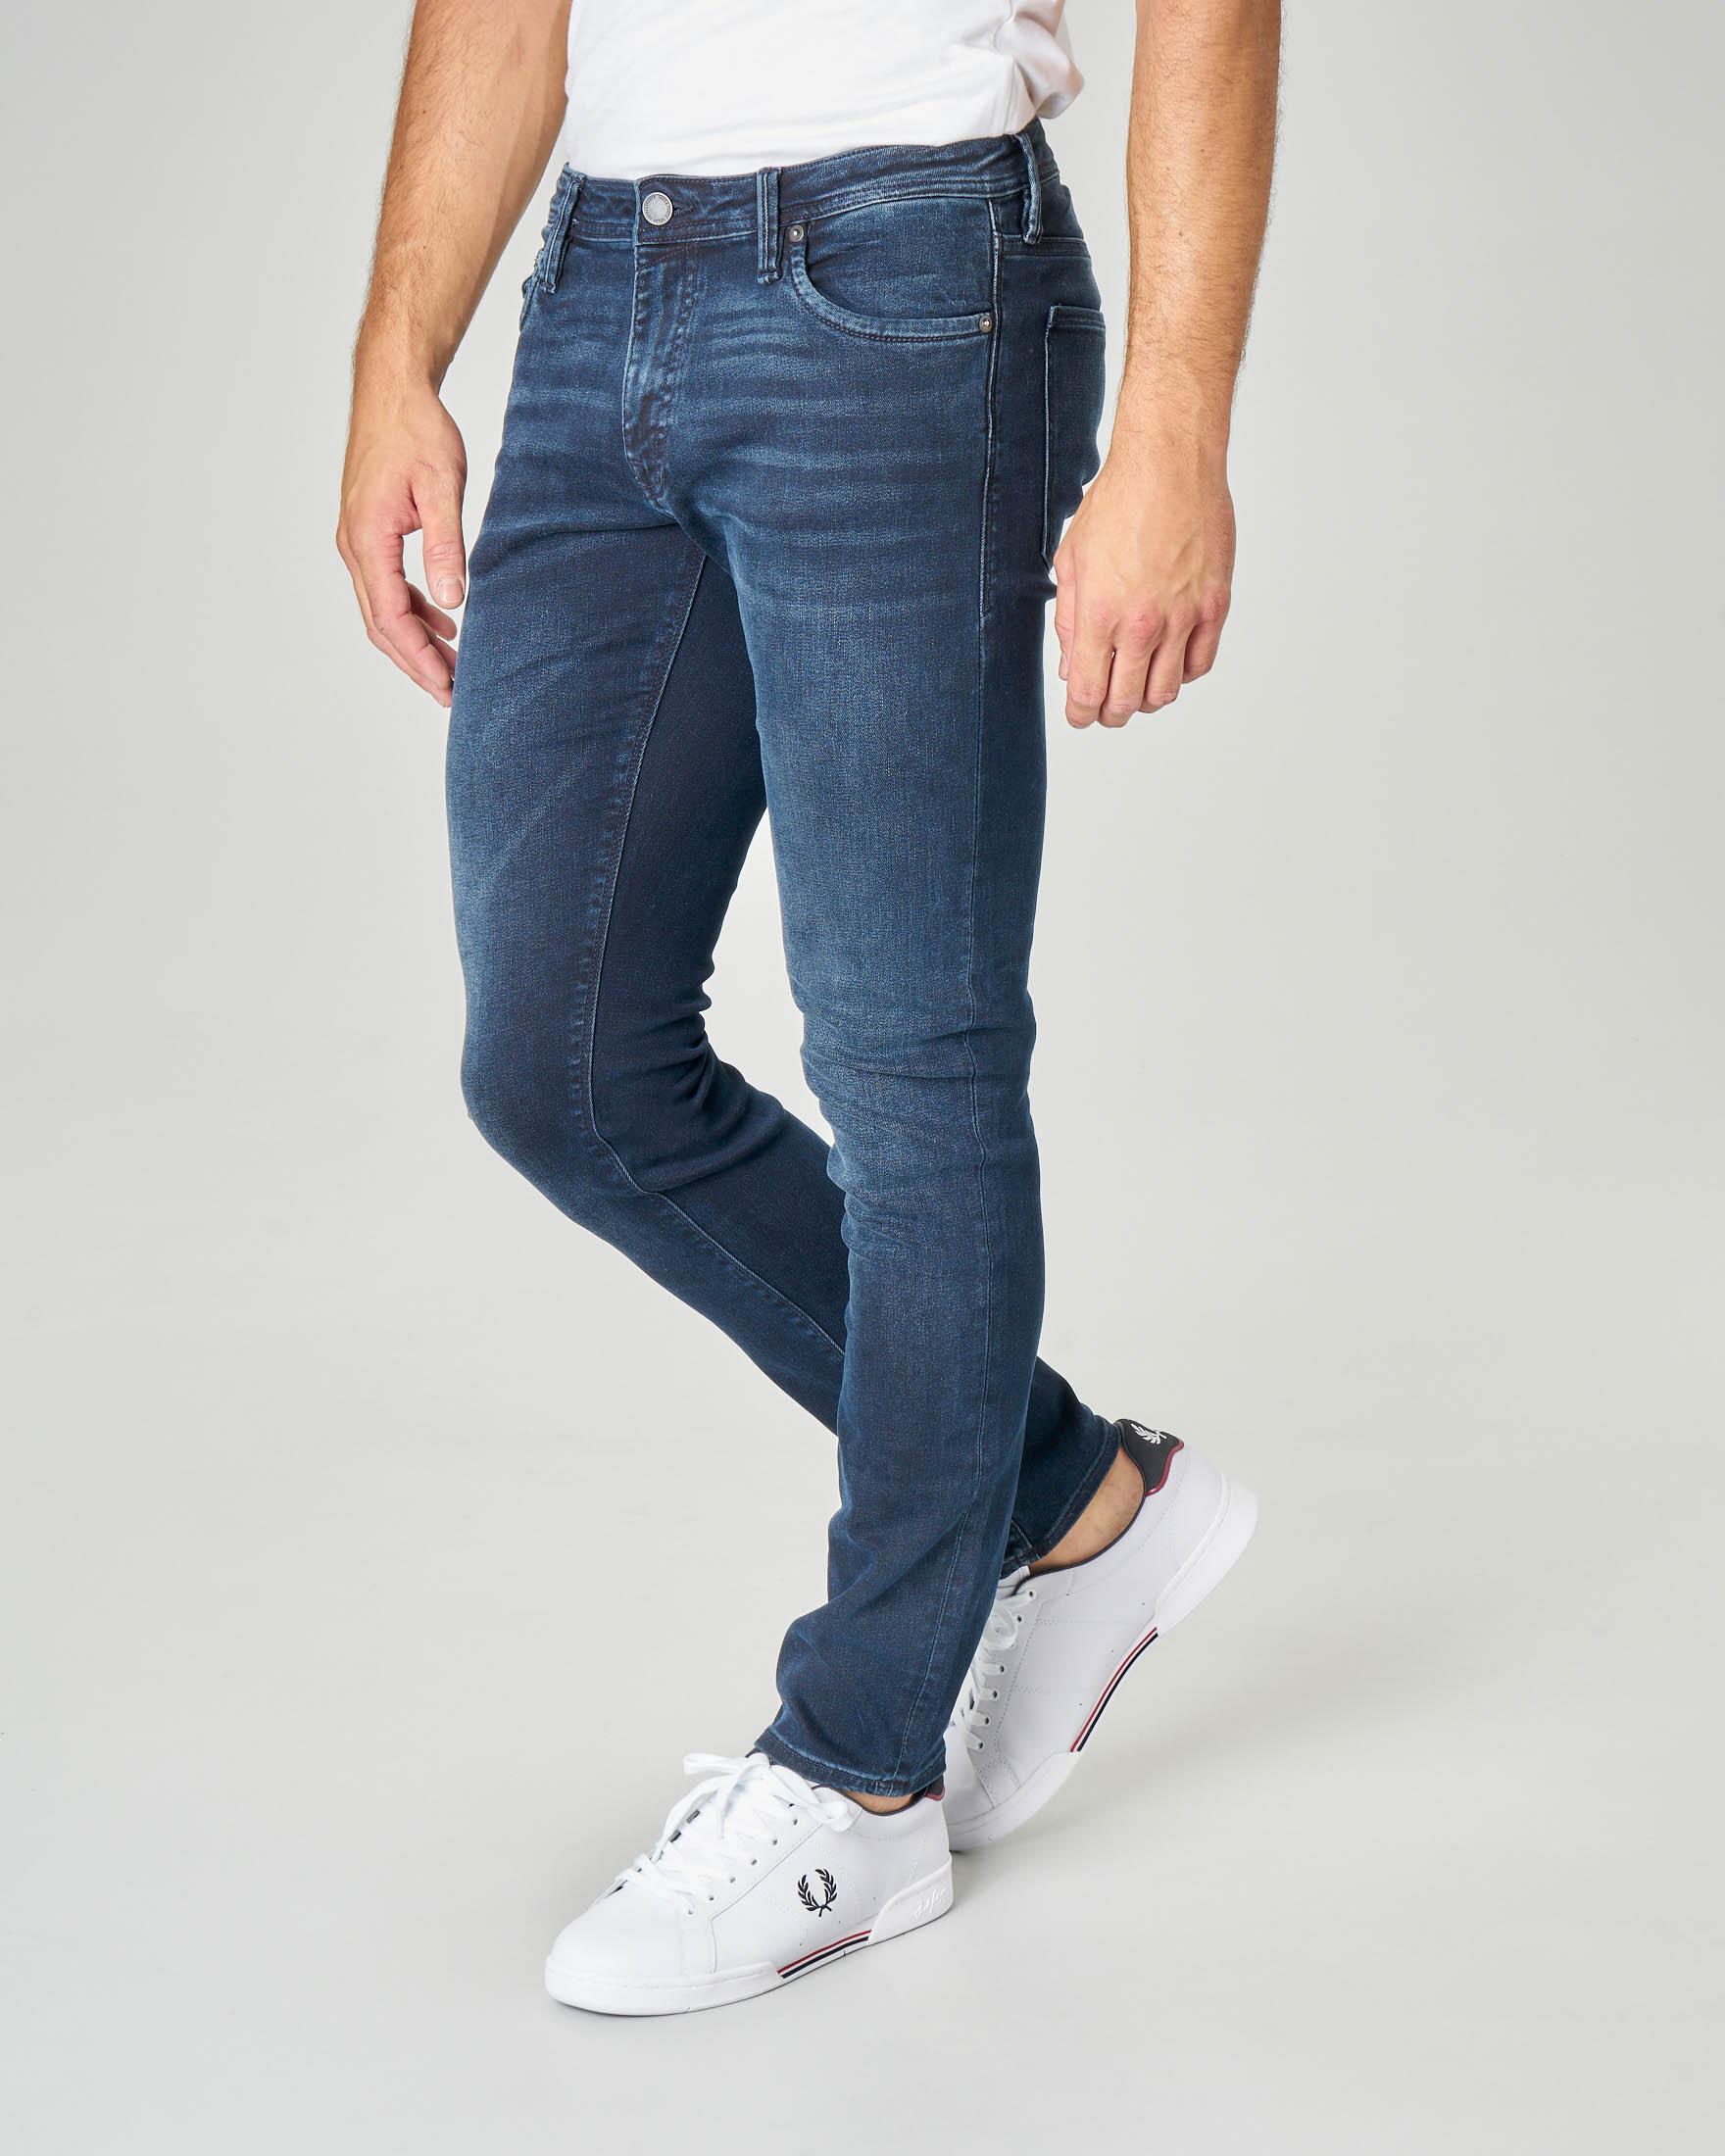 Jeans Glenn lavaggio blu scuro con baffature e vestibilità slim